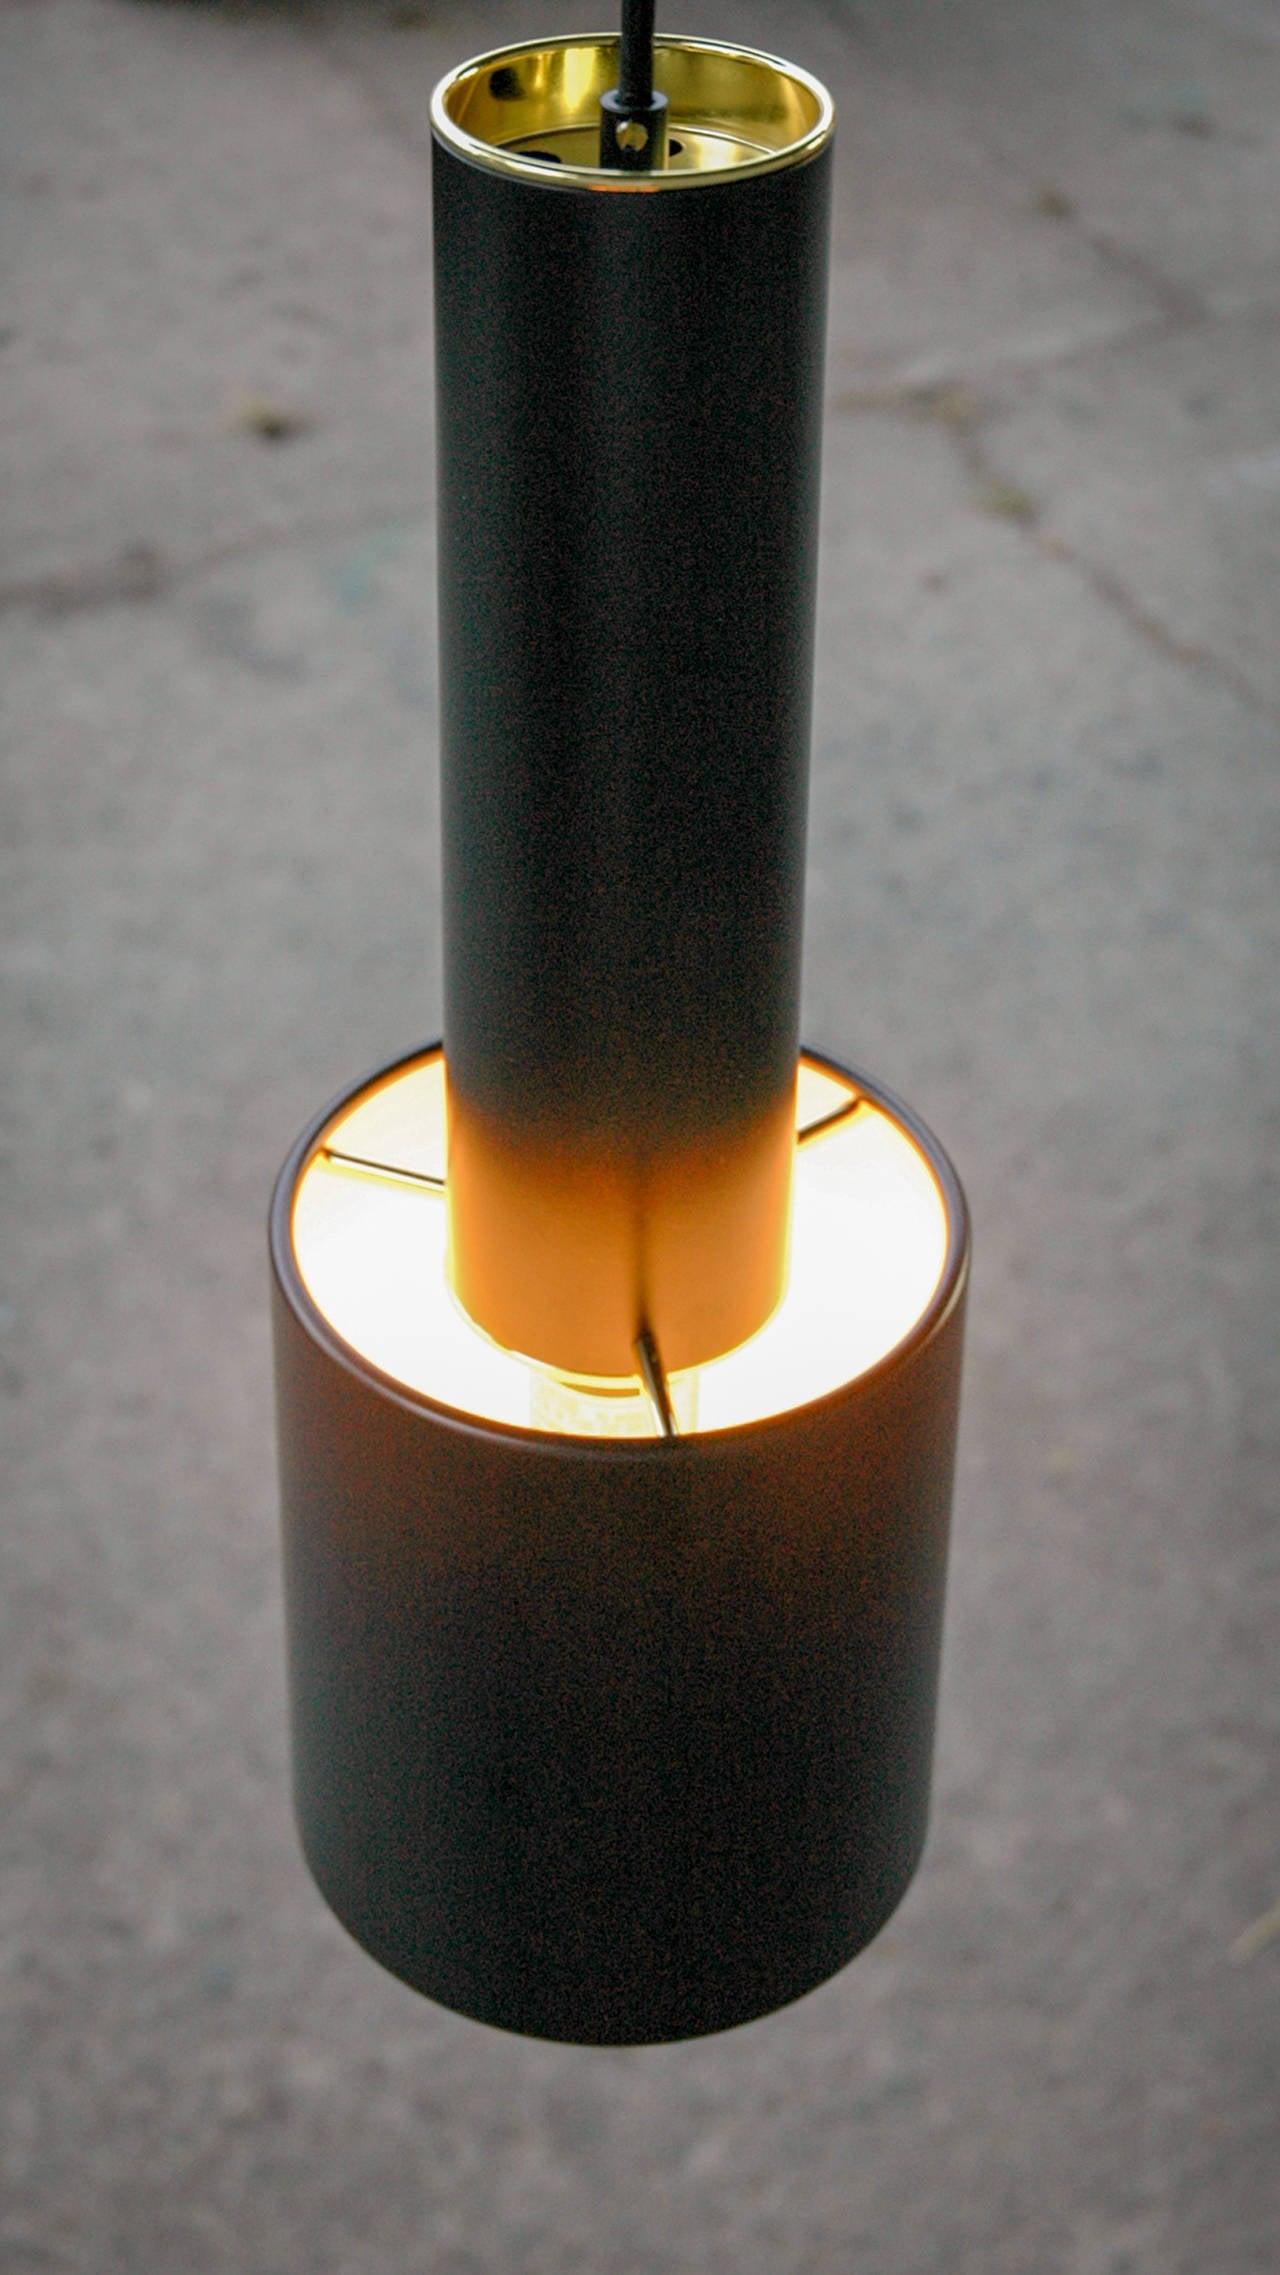 alvar aalto pendant lamp for artek for sale at 1stdibs. Black Bedroom Furniture Sets. Home Design Ideas